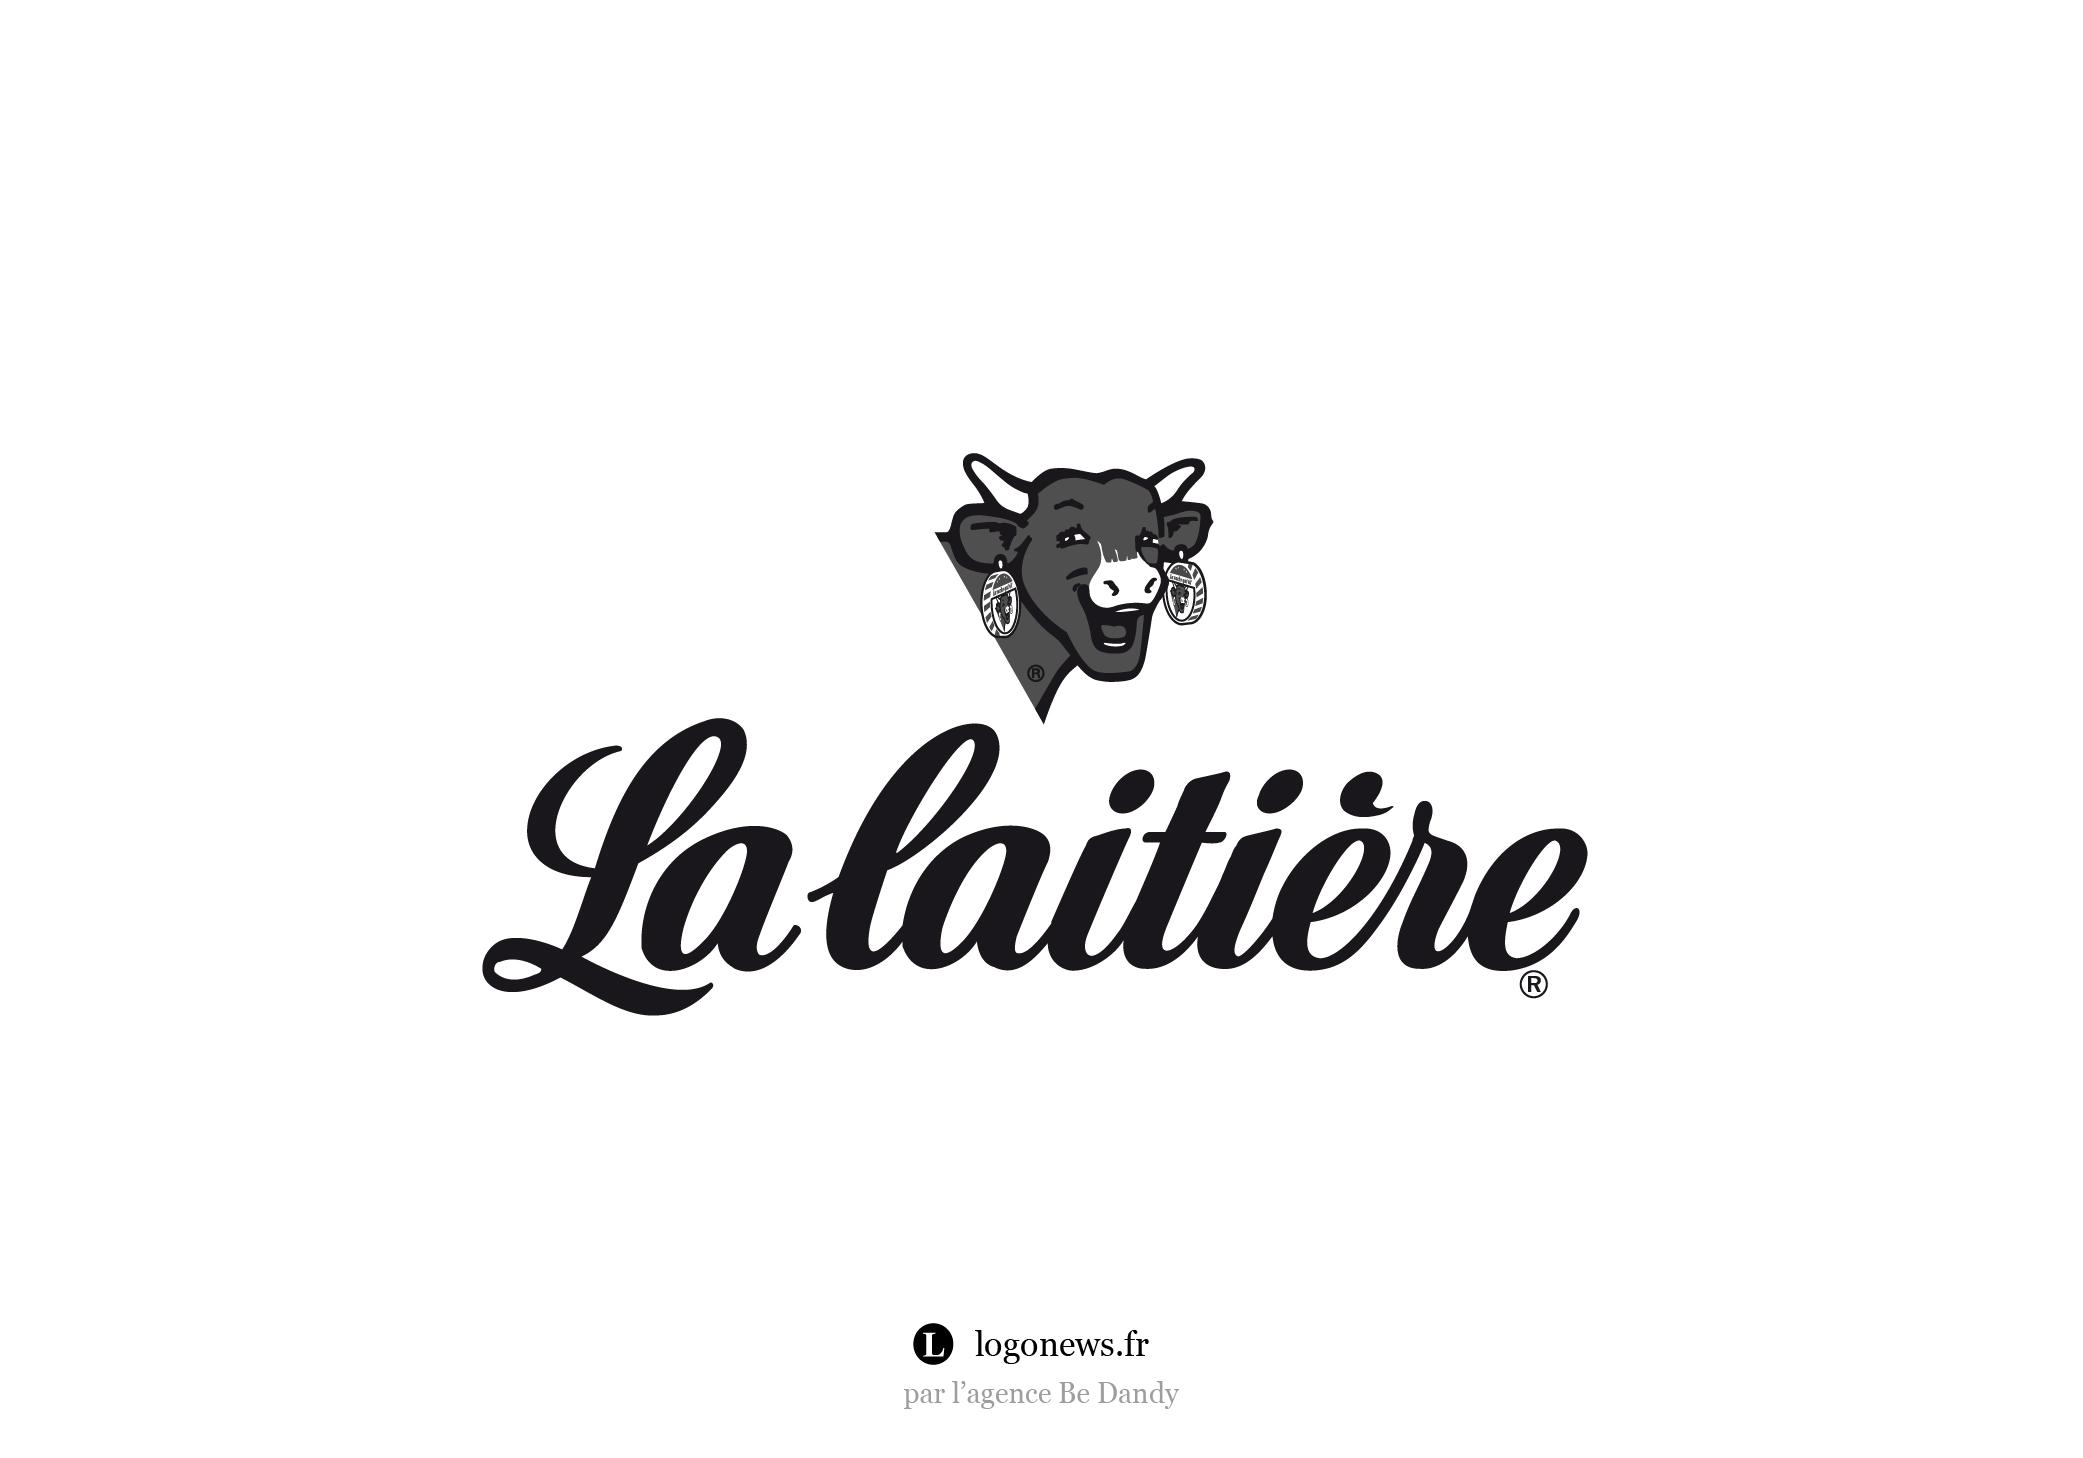 04_logonews_logo_vache_qui_rie_laitière